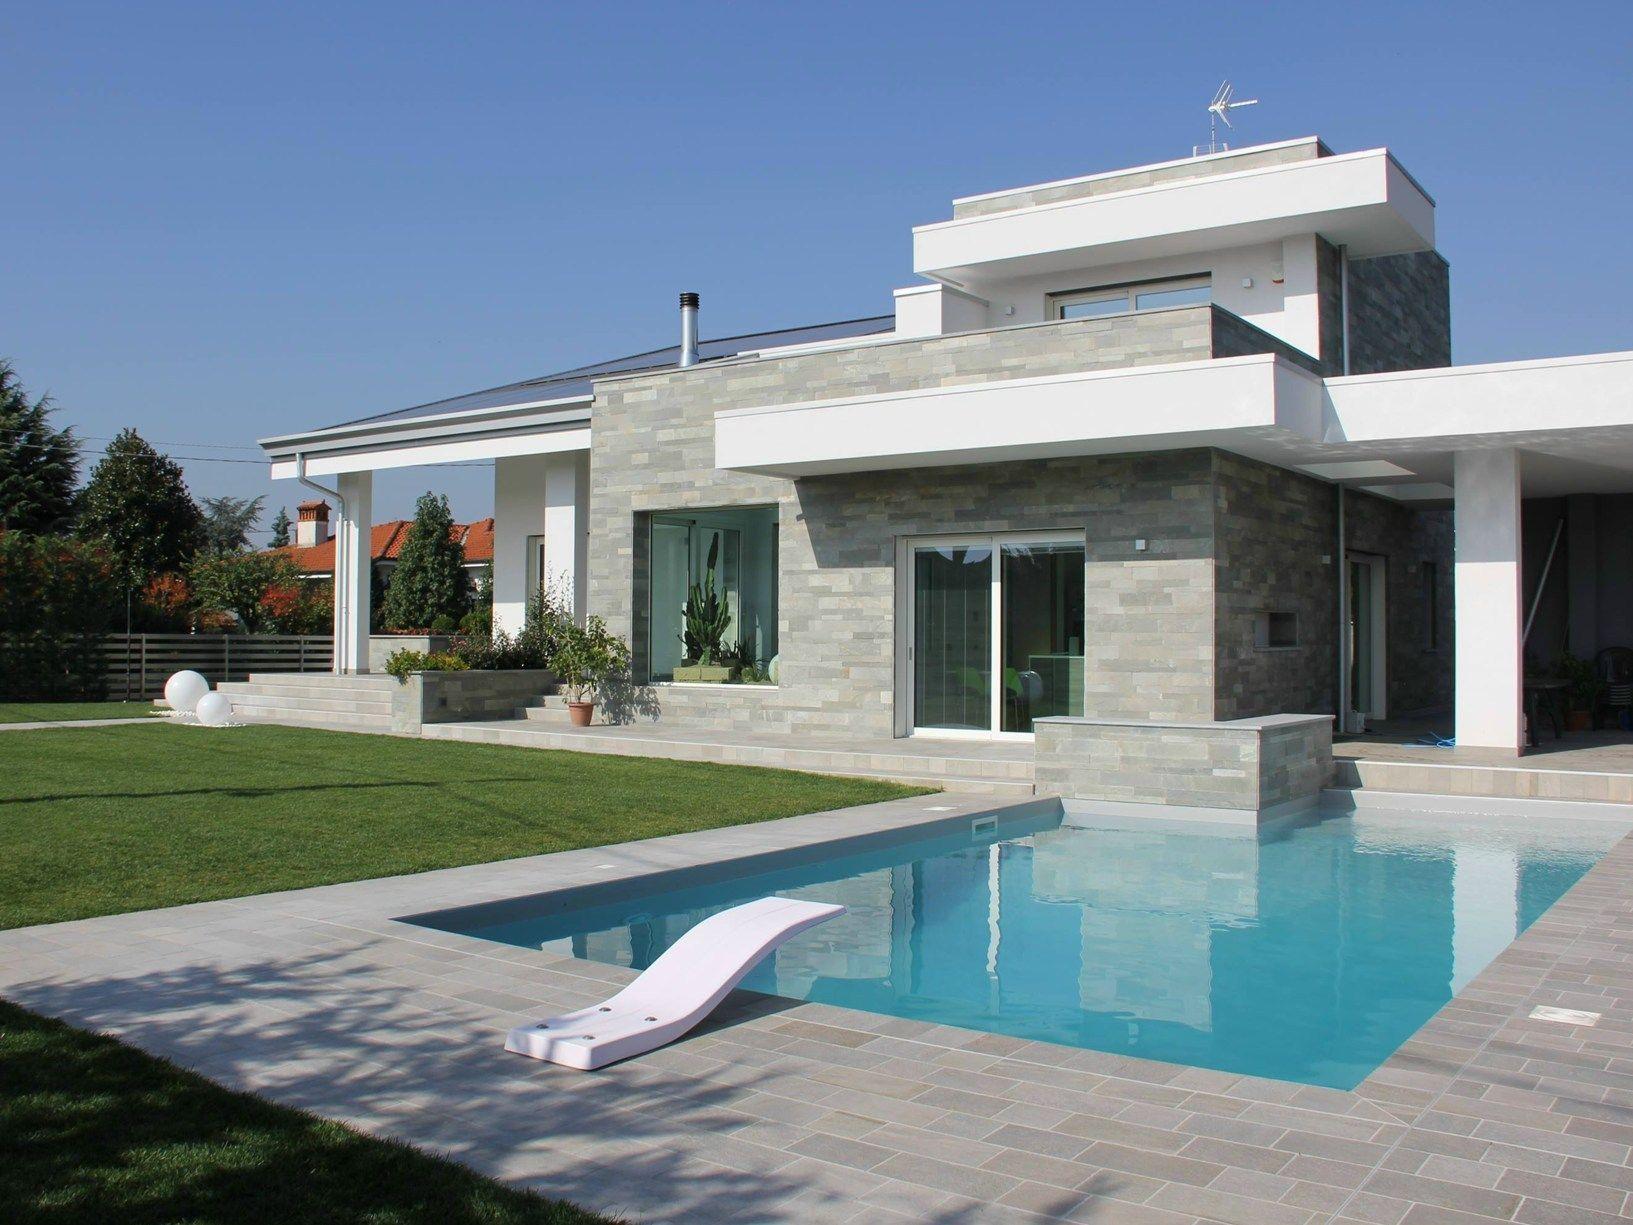 Colori casa esterno with colori casa esterno - Esterno casa colore ...